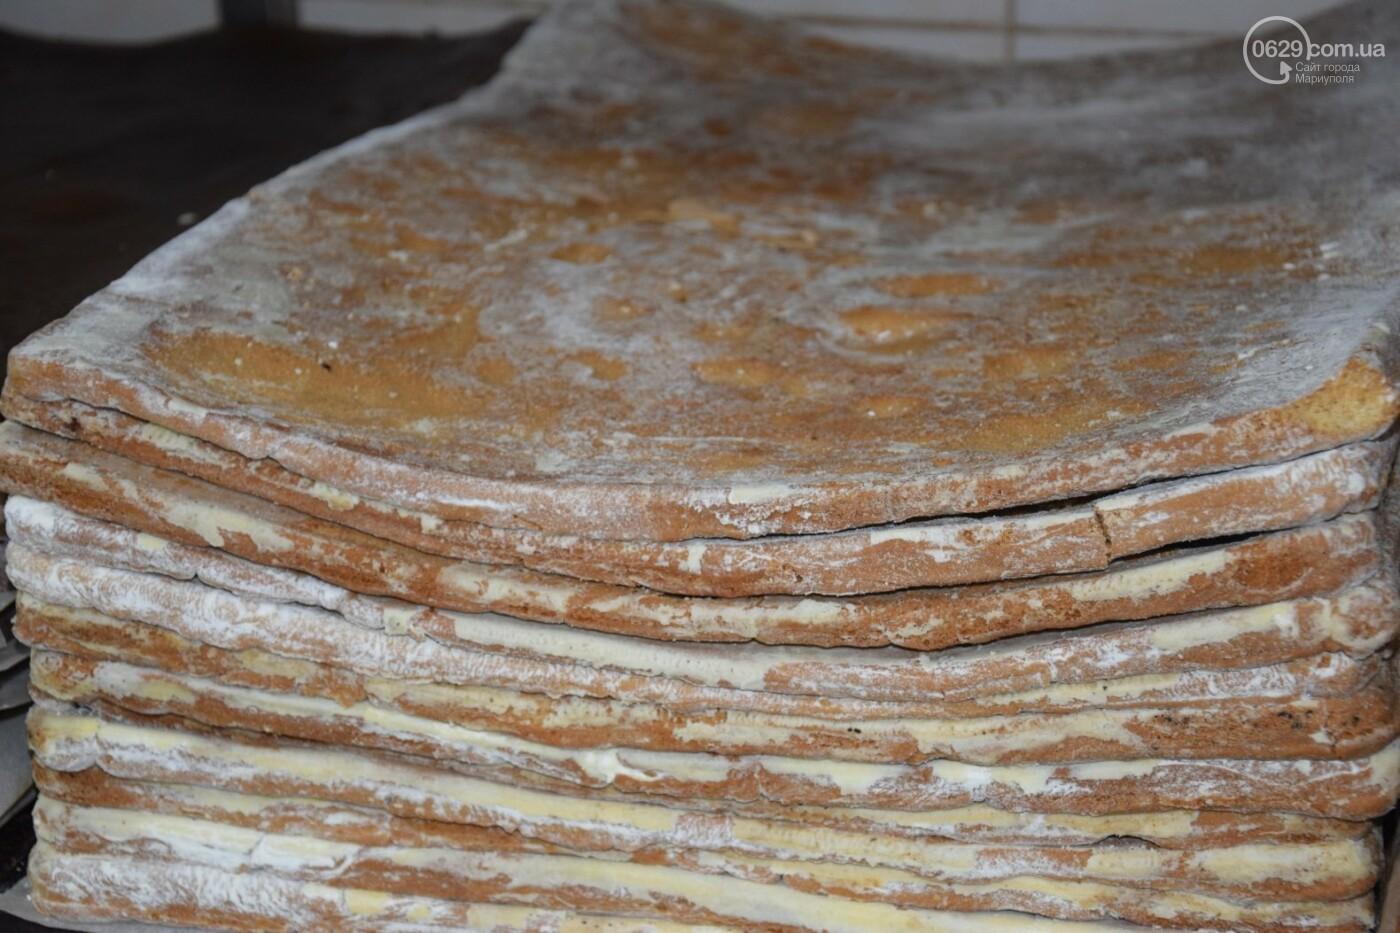 «Как это сделано»:  репортаж из кондитерского цеха в Мариуполе, - ФОТО, фото-6